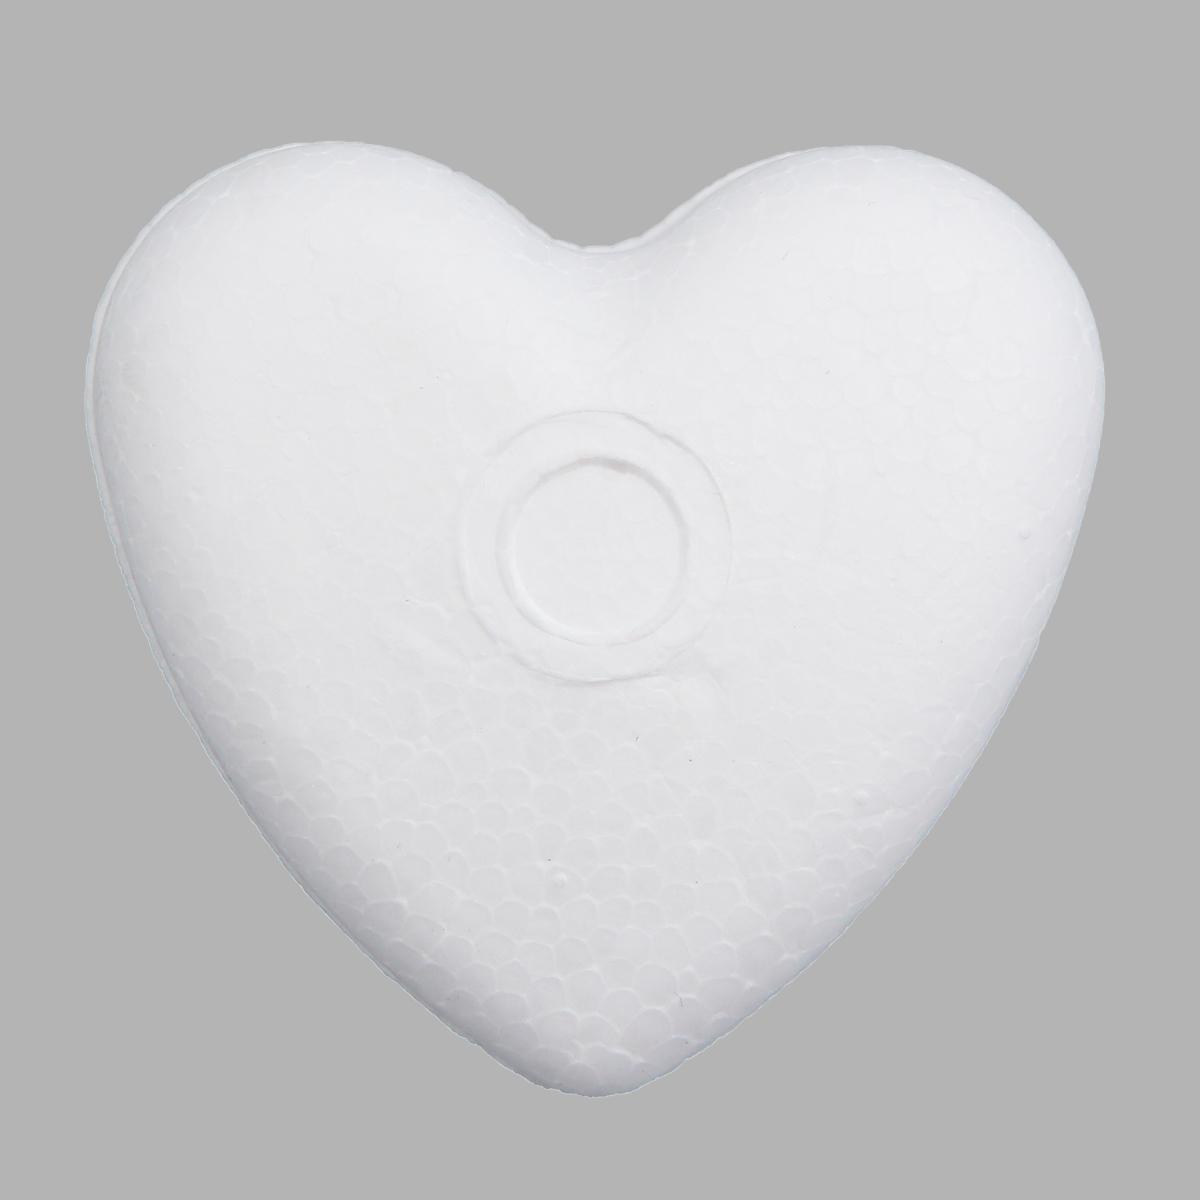 Заготовка для декорирования из пенопласта 'Сердце объемное', 4см